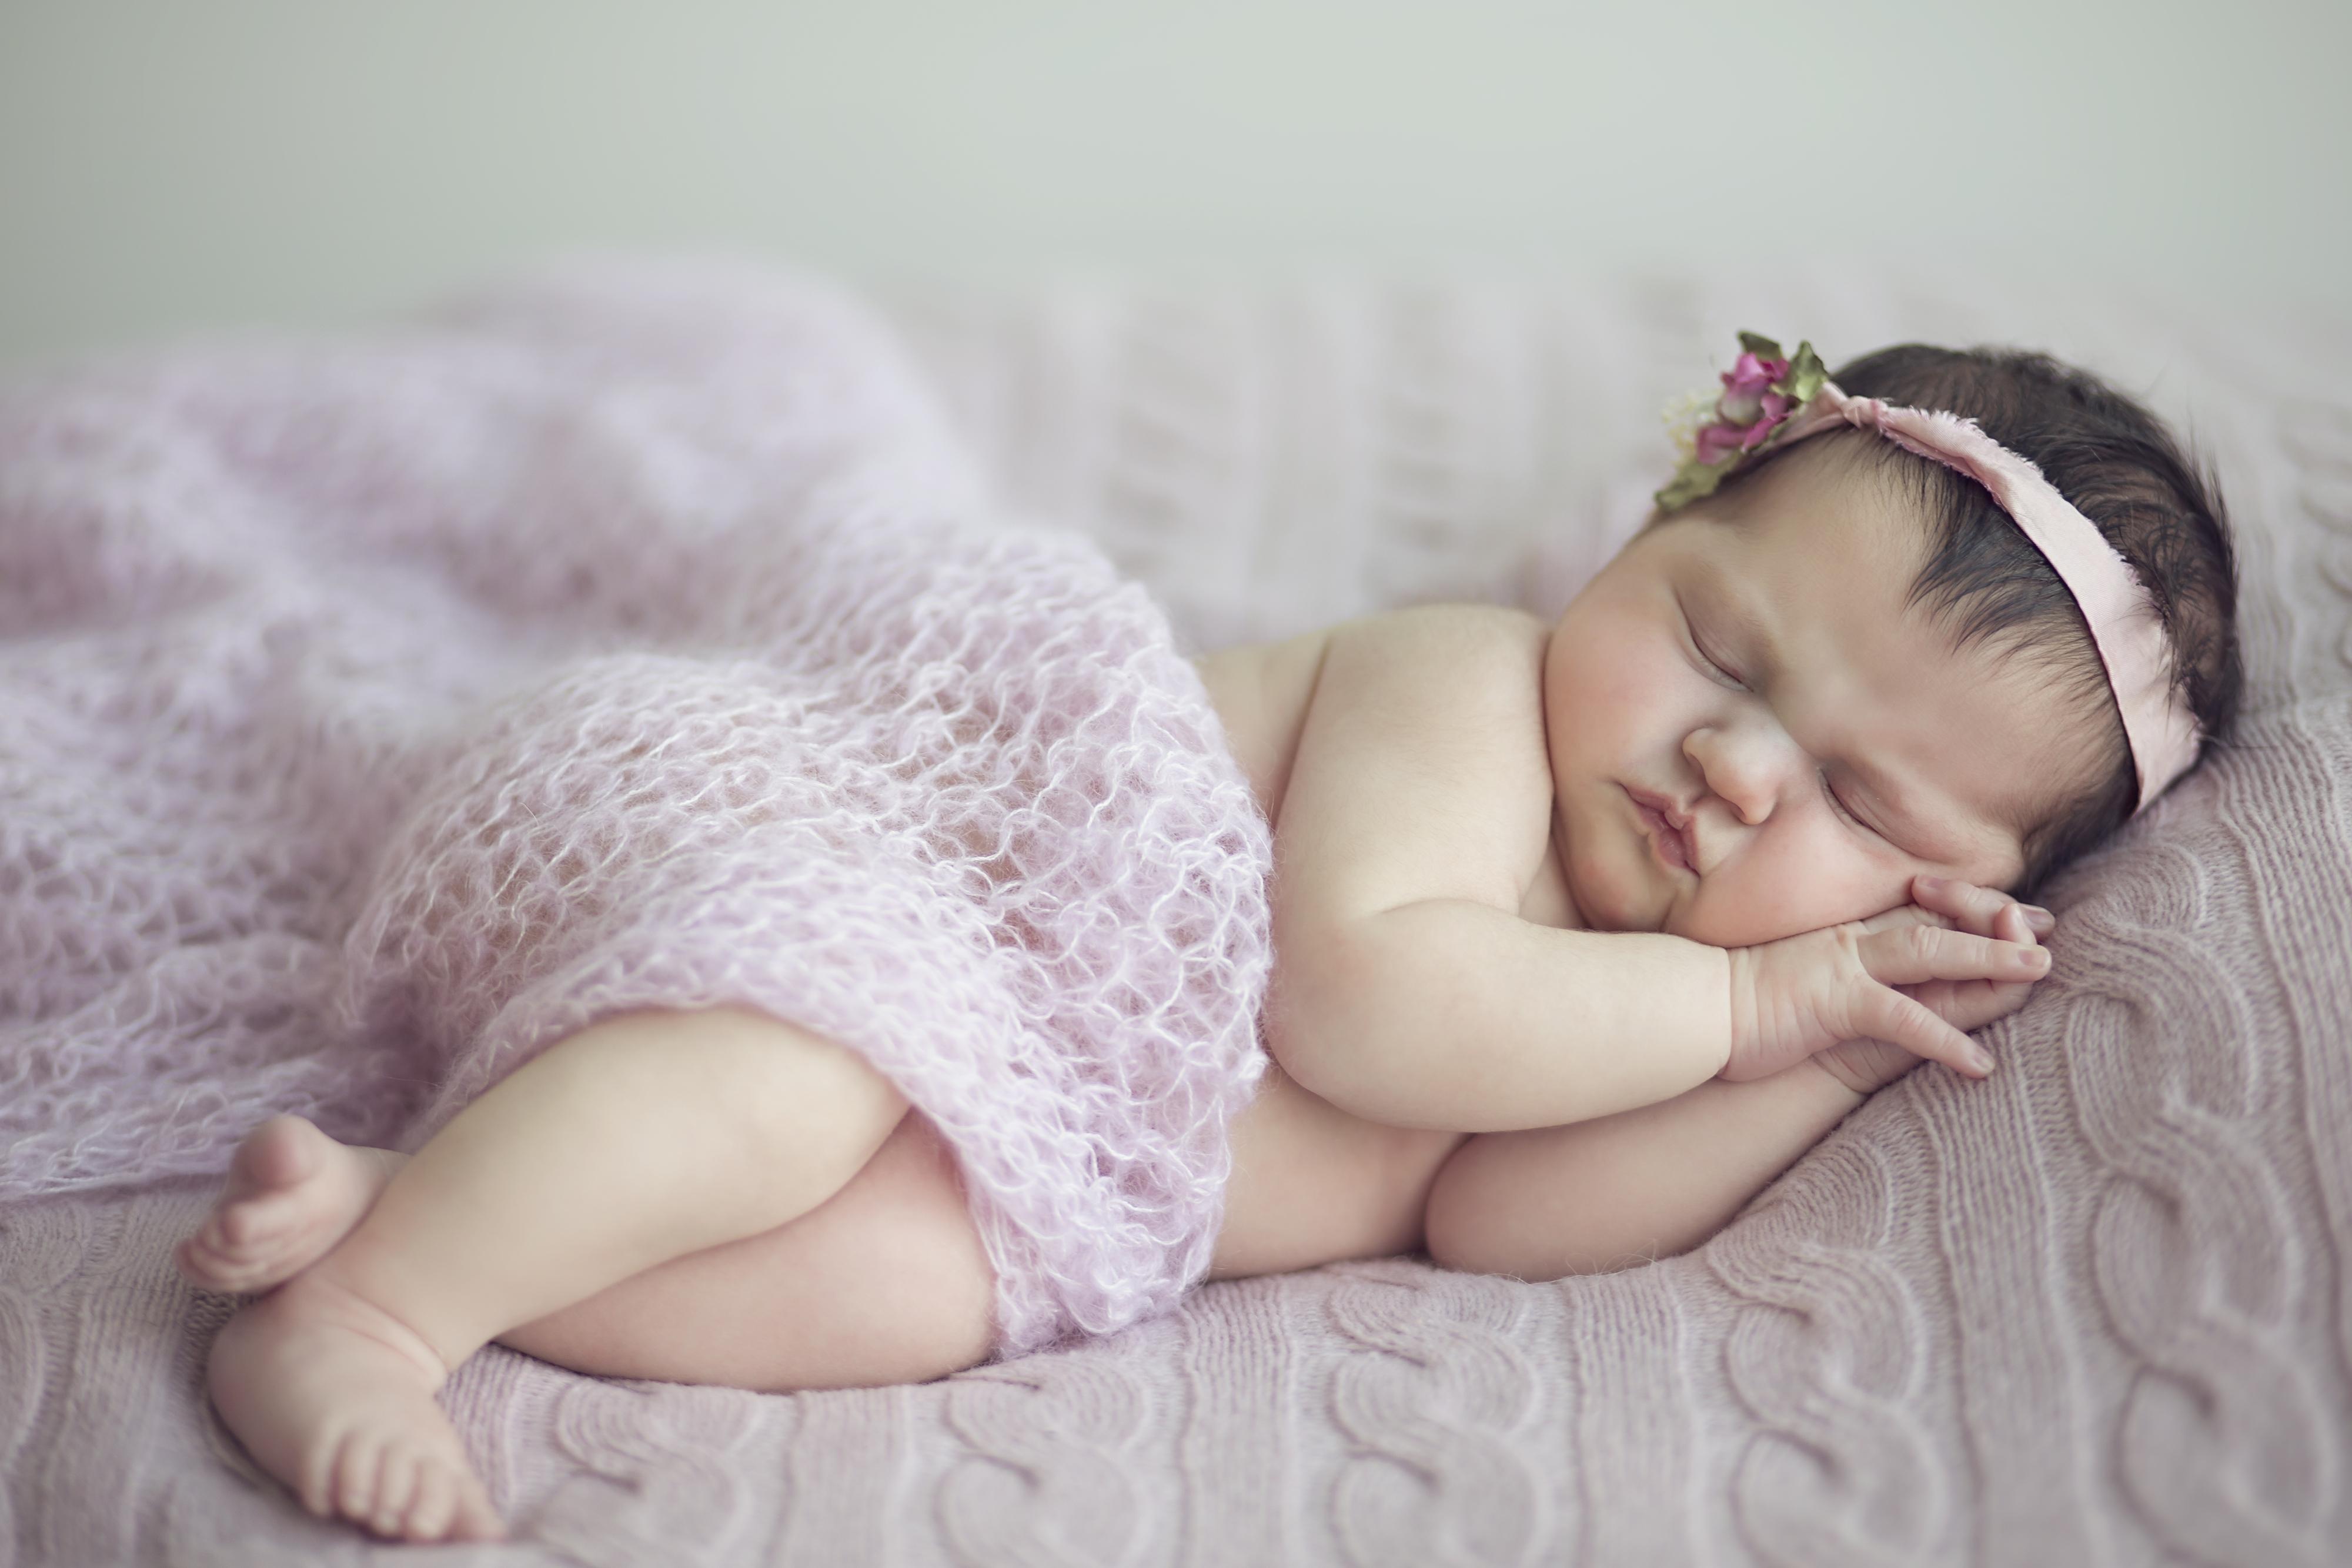 Октября, картинки новорожденного ребенка девочки